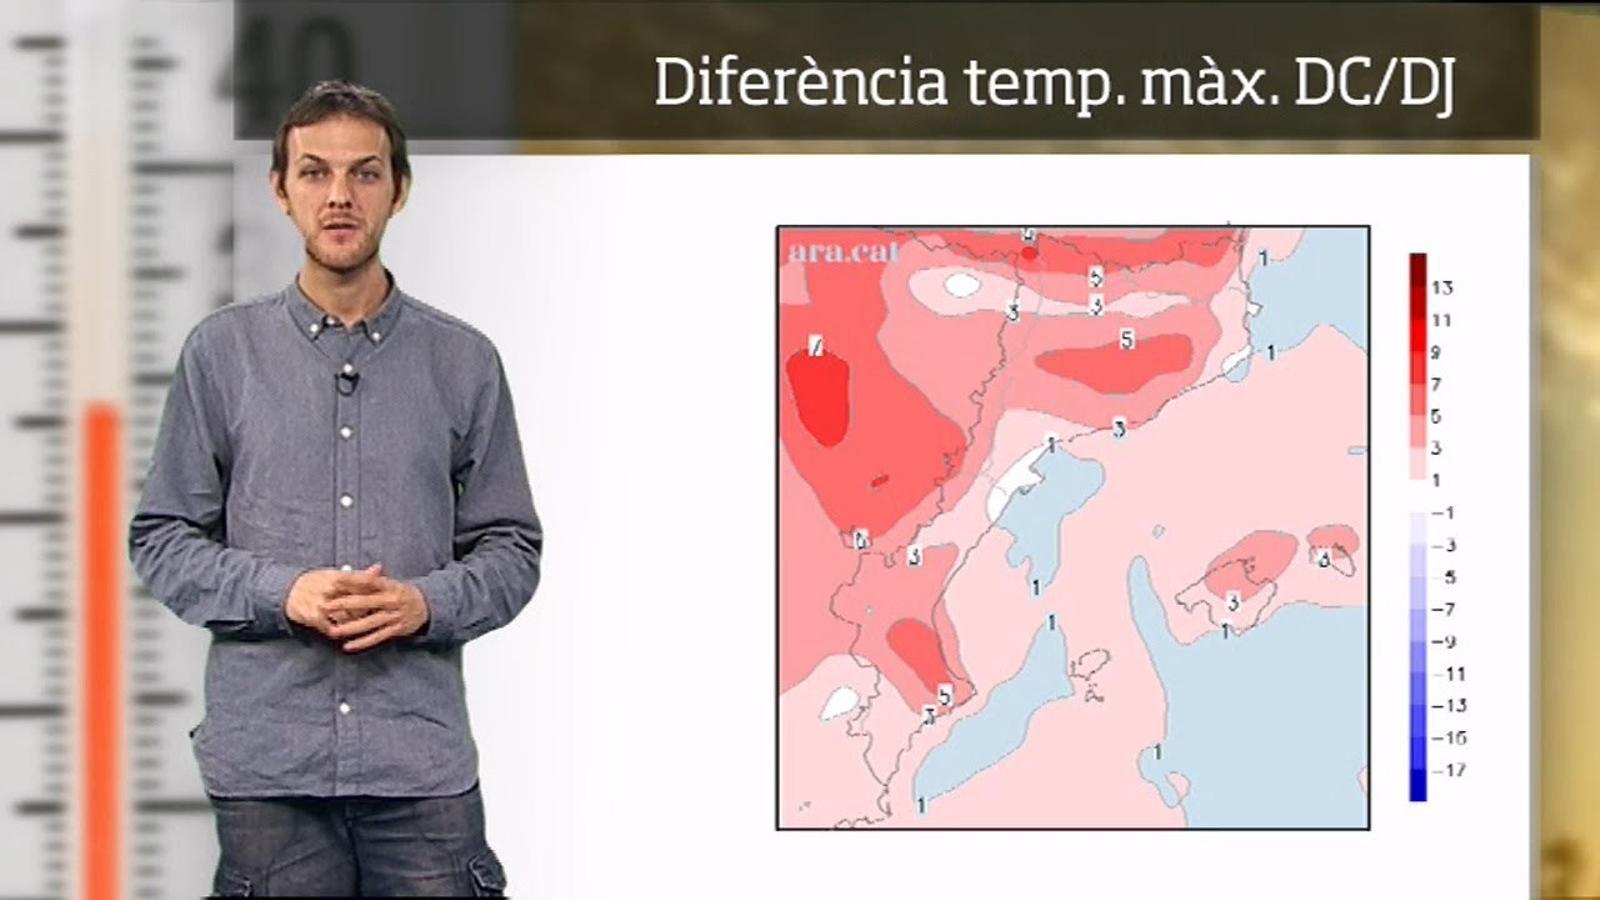 La méteo en 1 minut: clara pujada de la temperatura